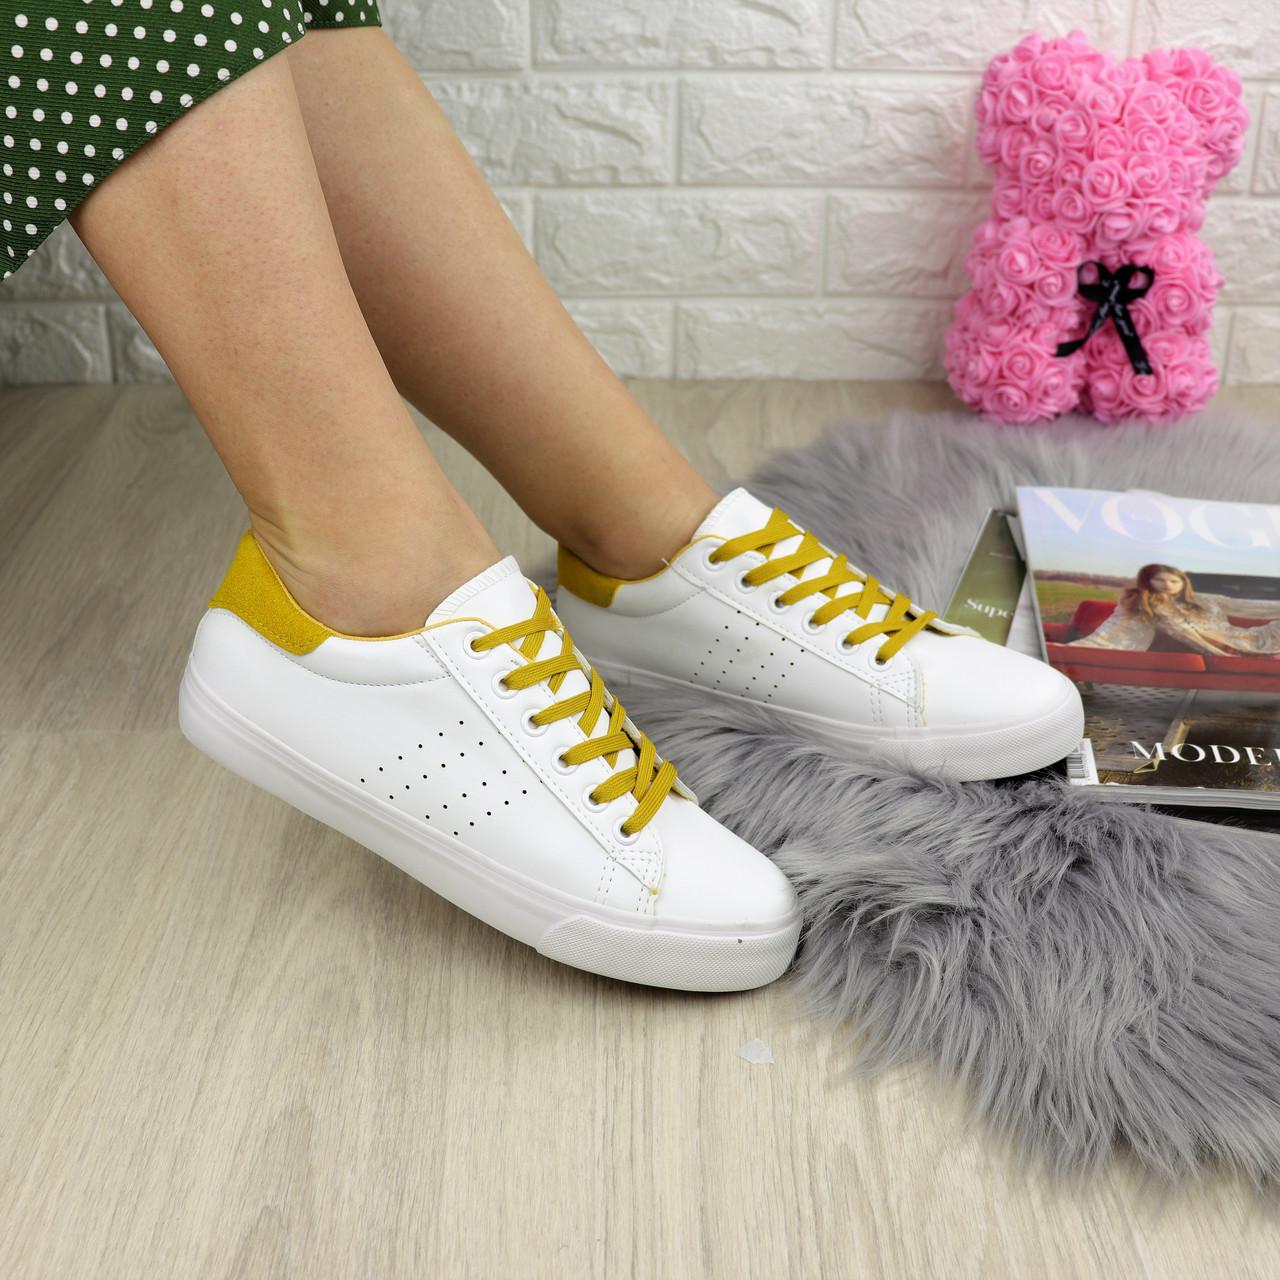 Жіночі кеди Fashion Karol 1223 38 розмір 24,5 см Білий